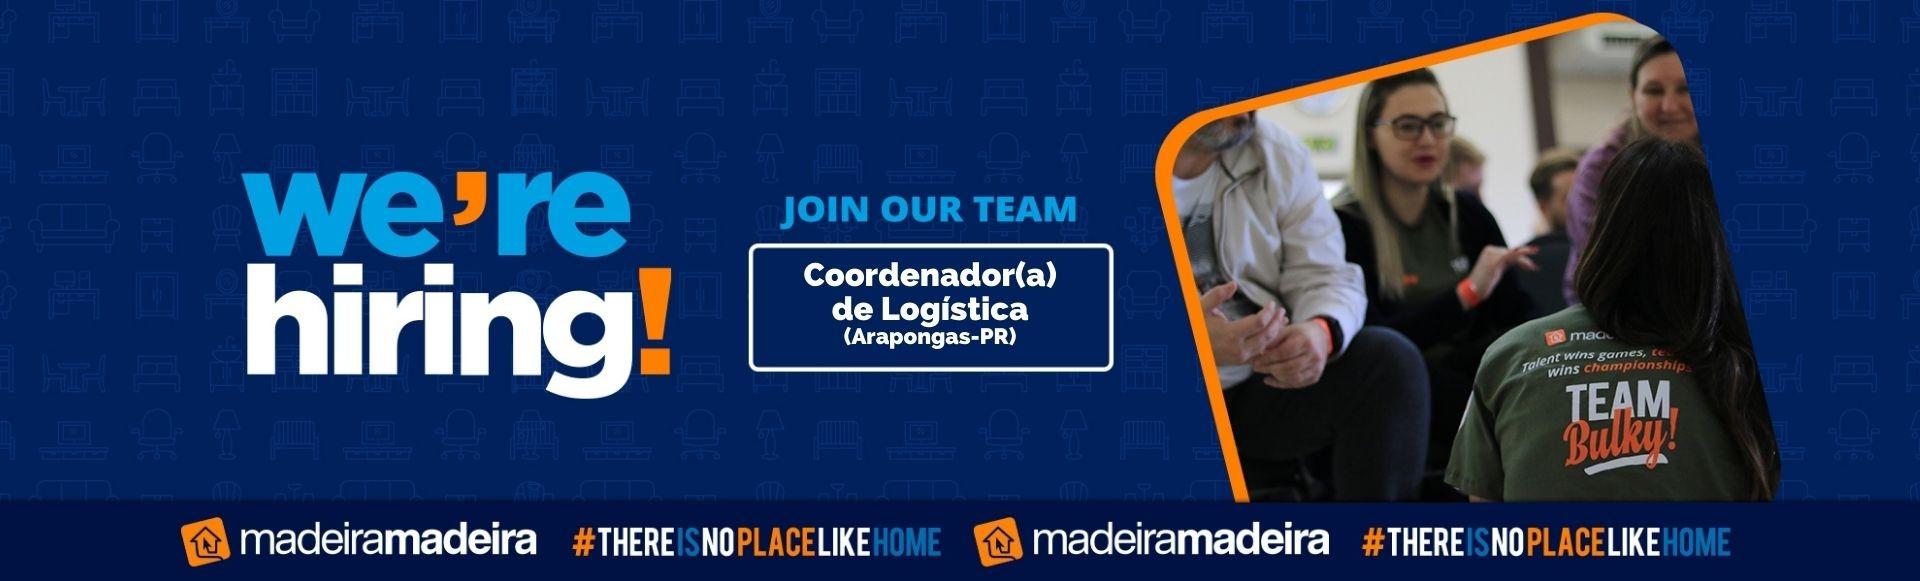 Coordenador de Logística (Arapongas-PR)